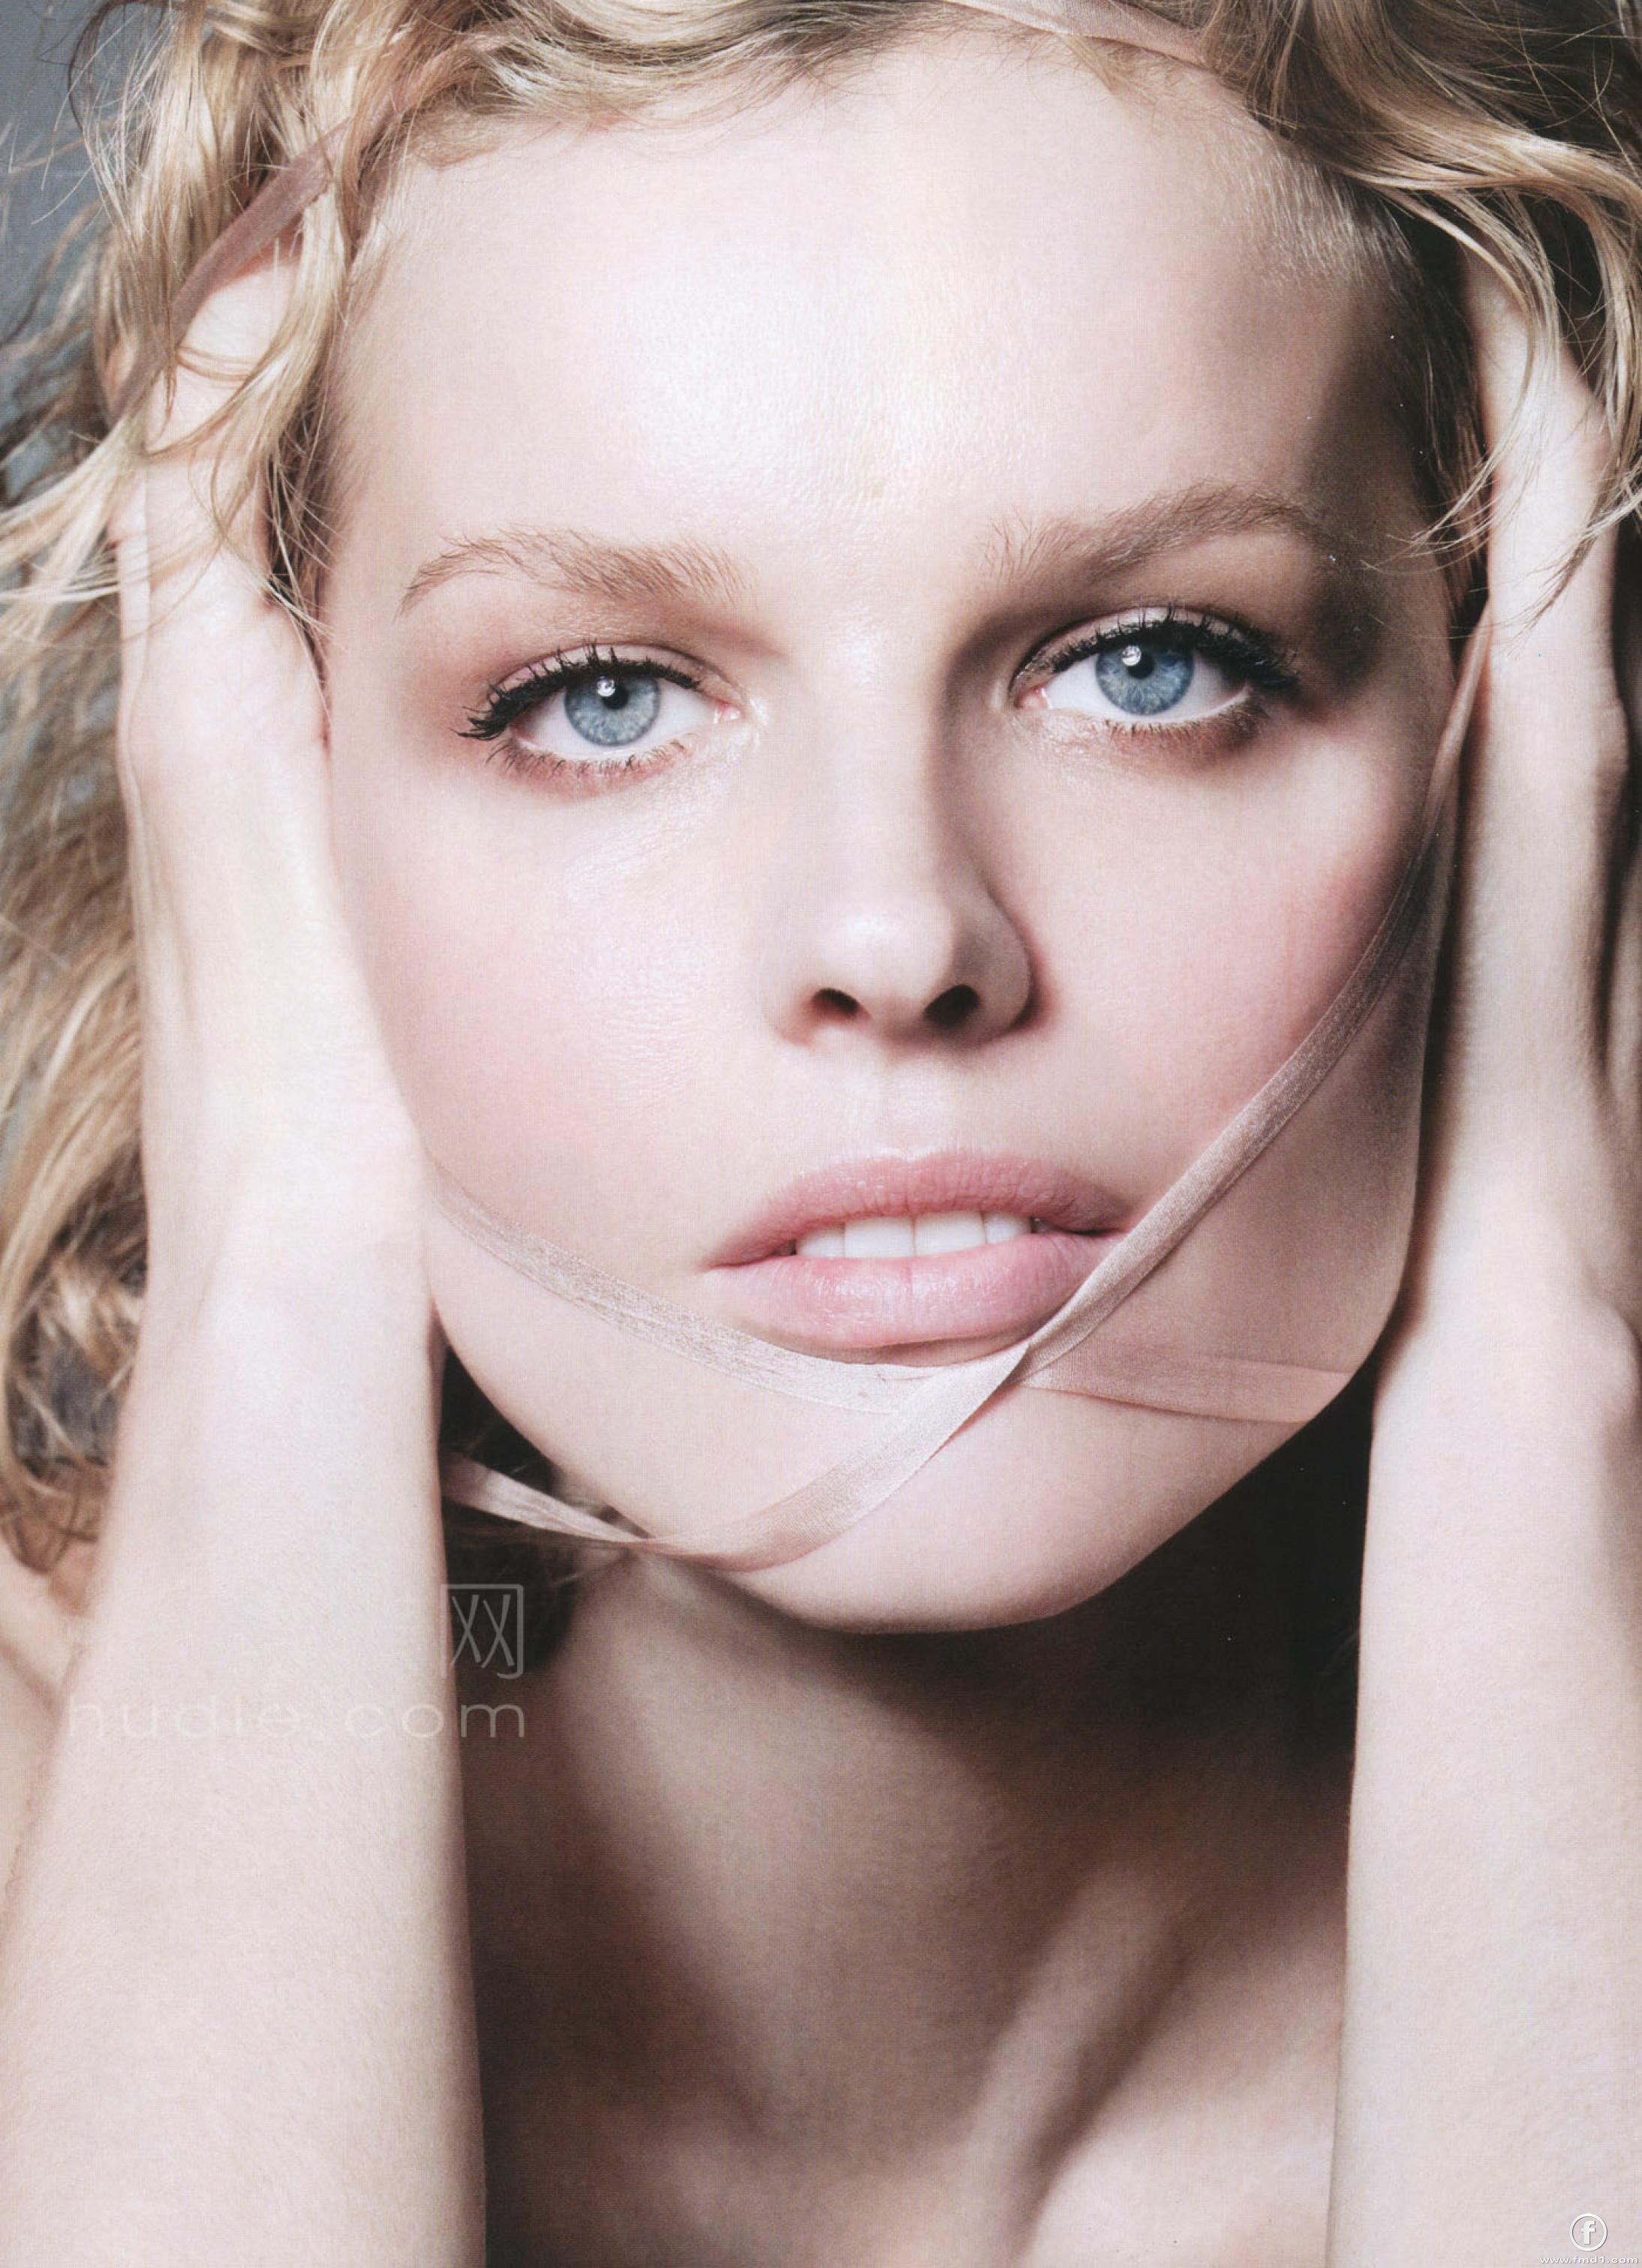 braless Eva Herzigova CZE 3 1999?001 naked photo 2017